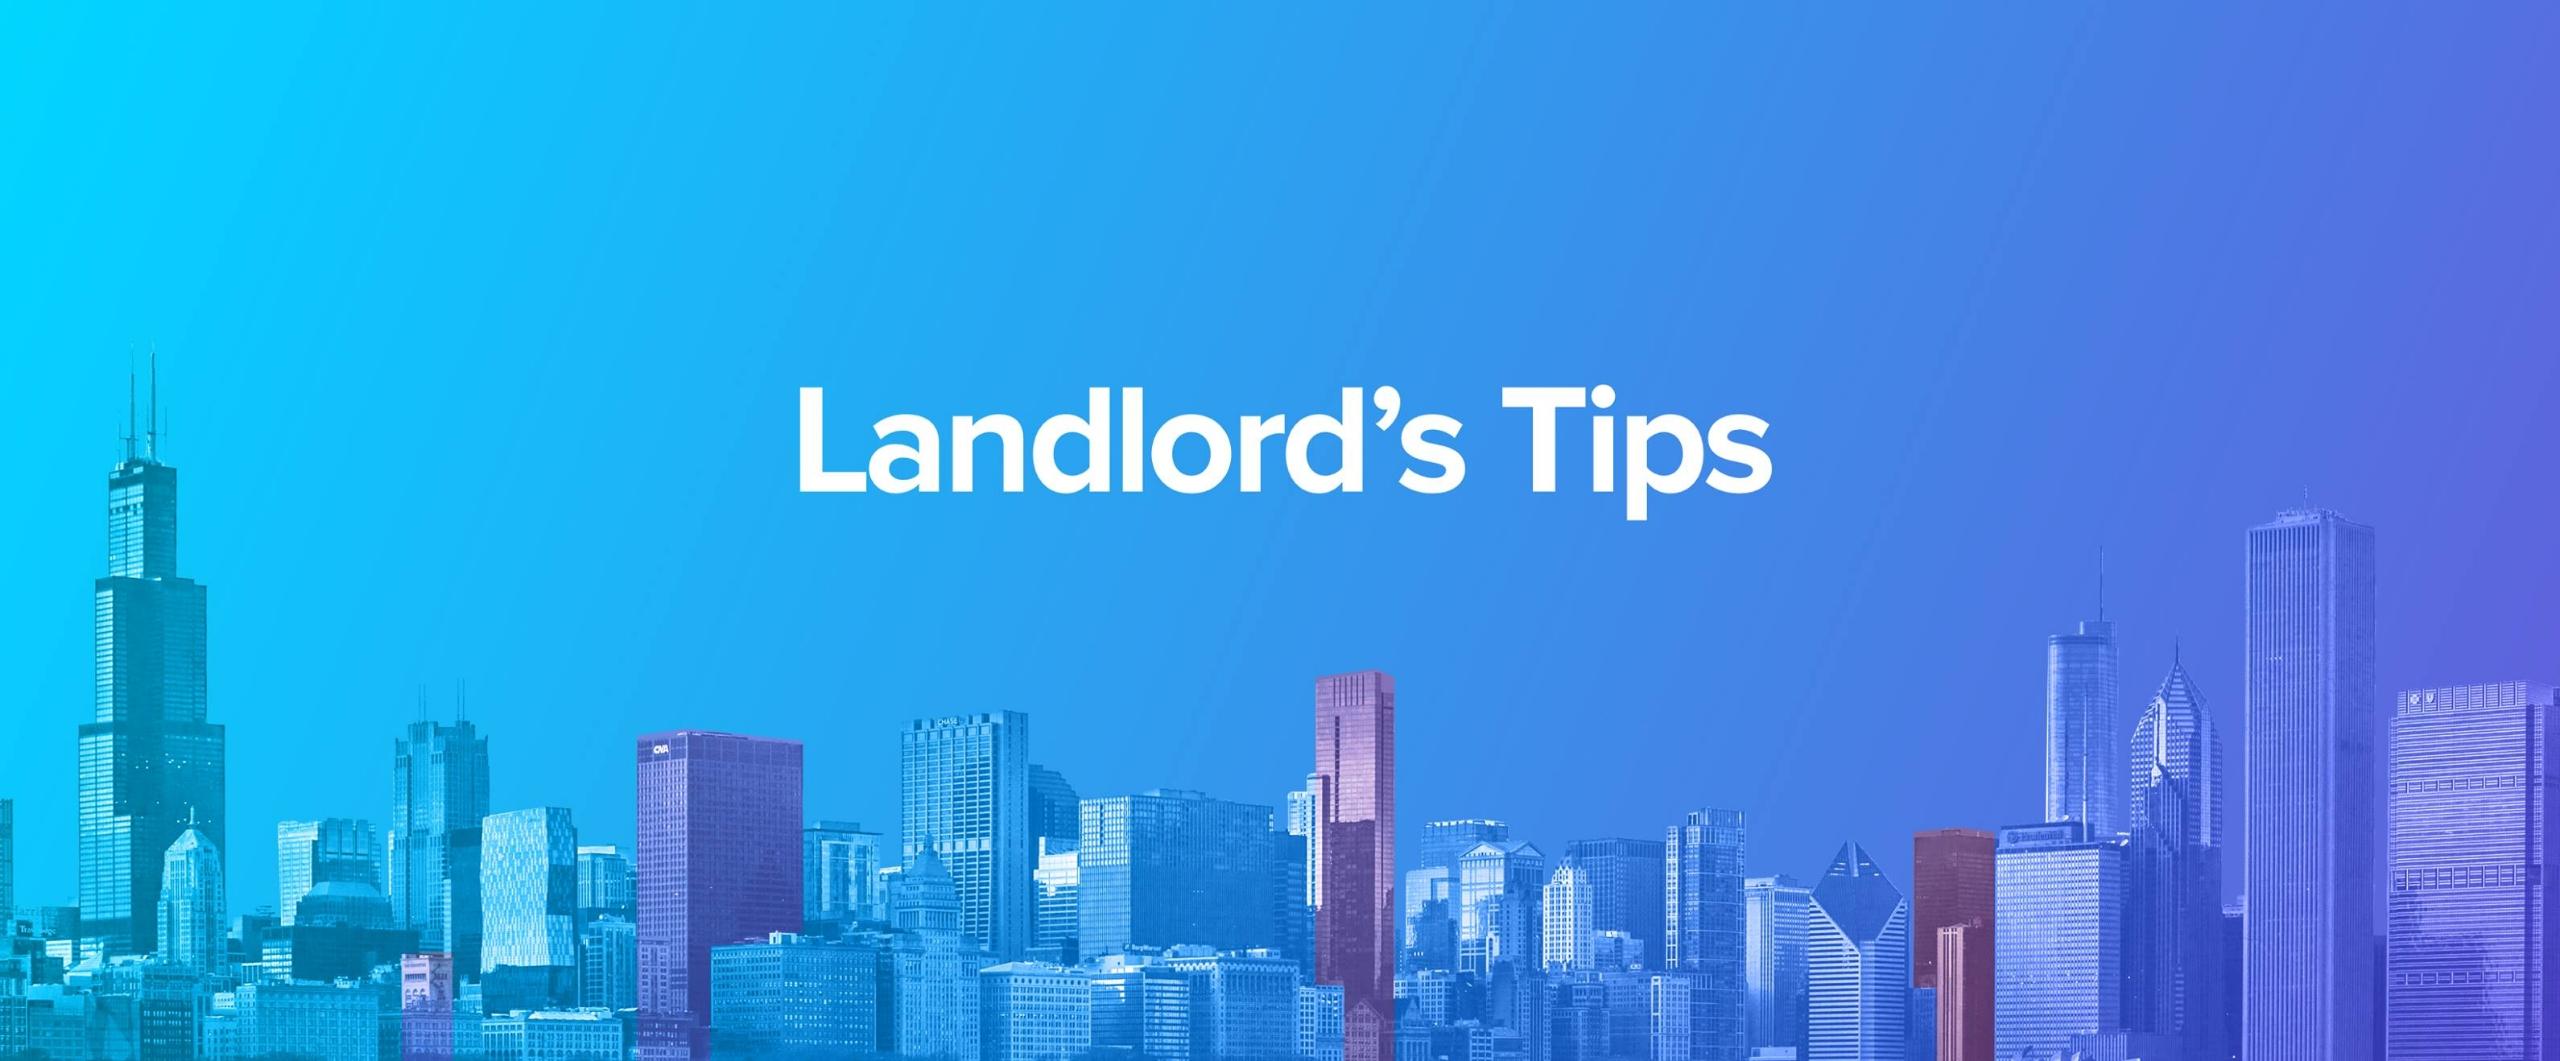 Landlord's Tips (@landlordstips) Cover Image